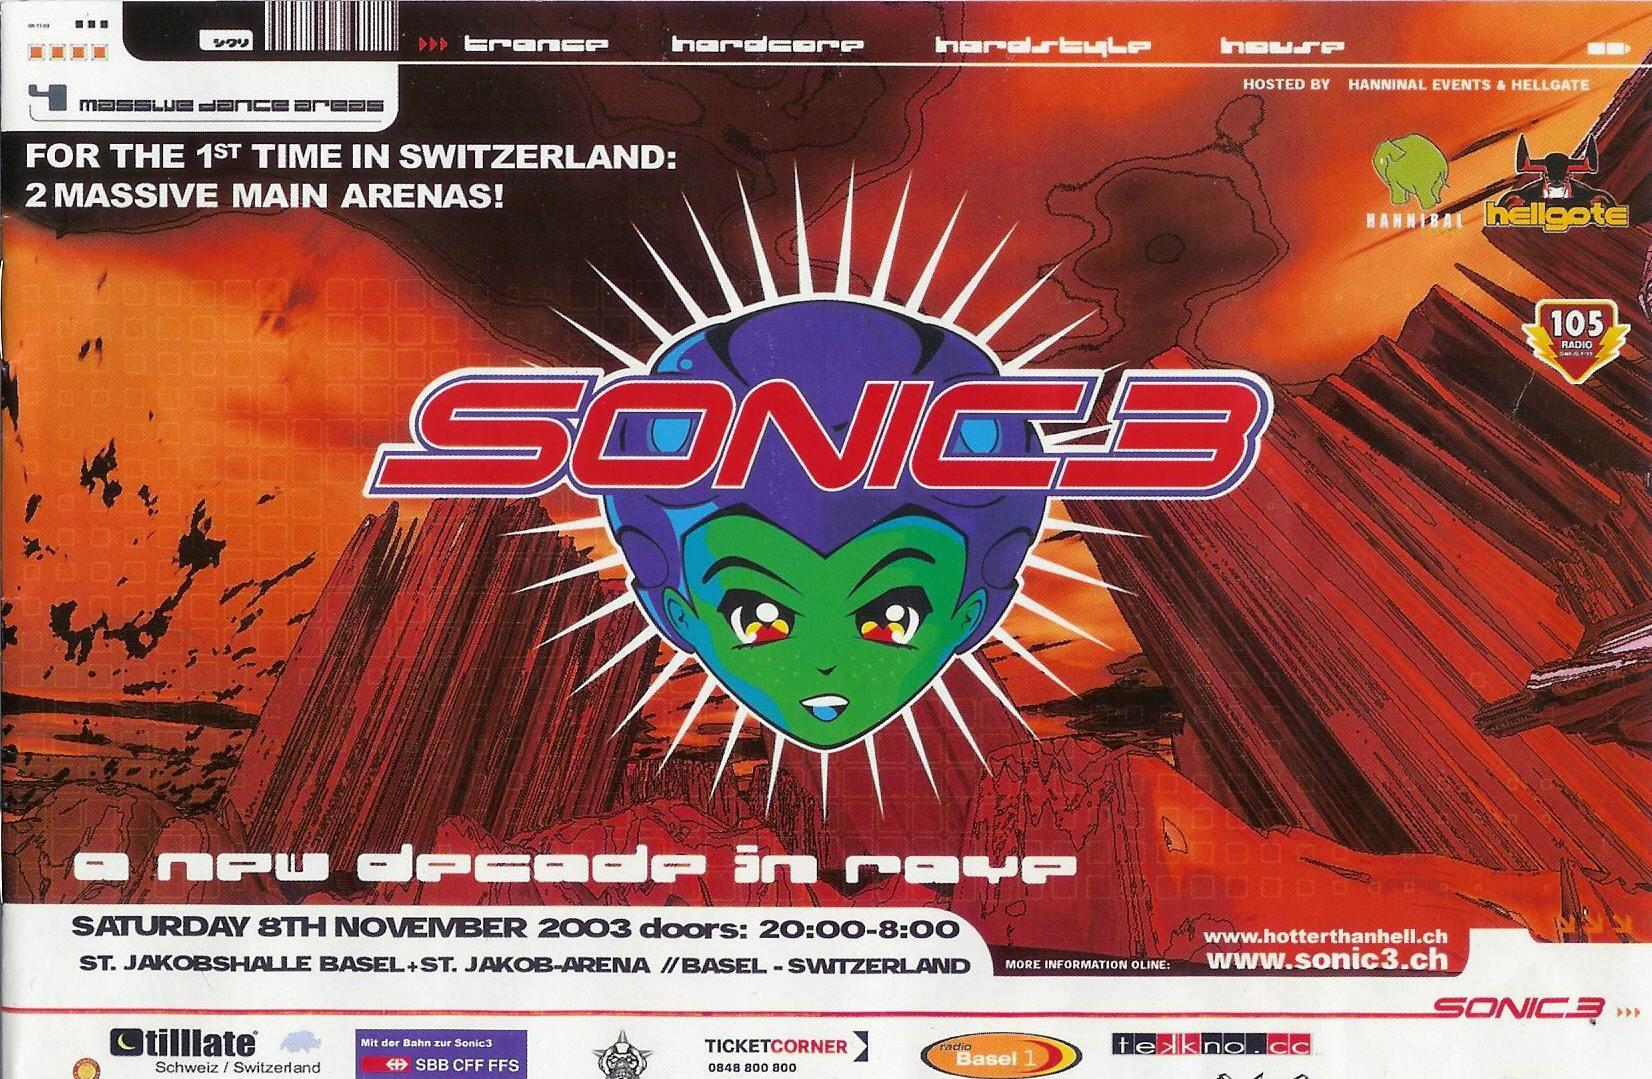 Sonic 3   ST. Jakobshalle Basel